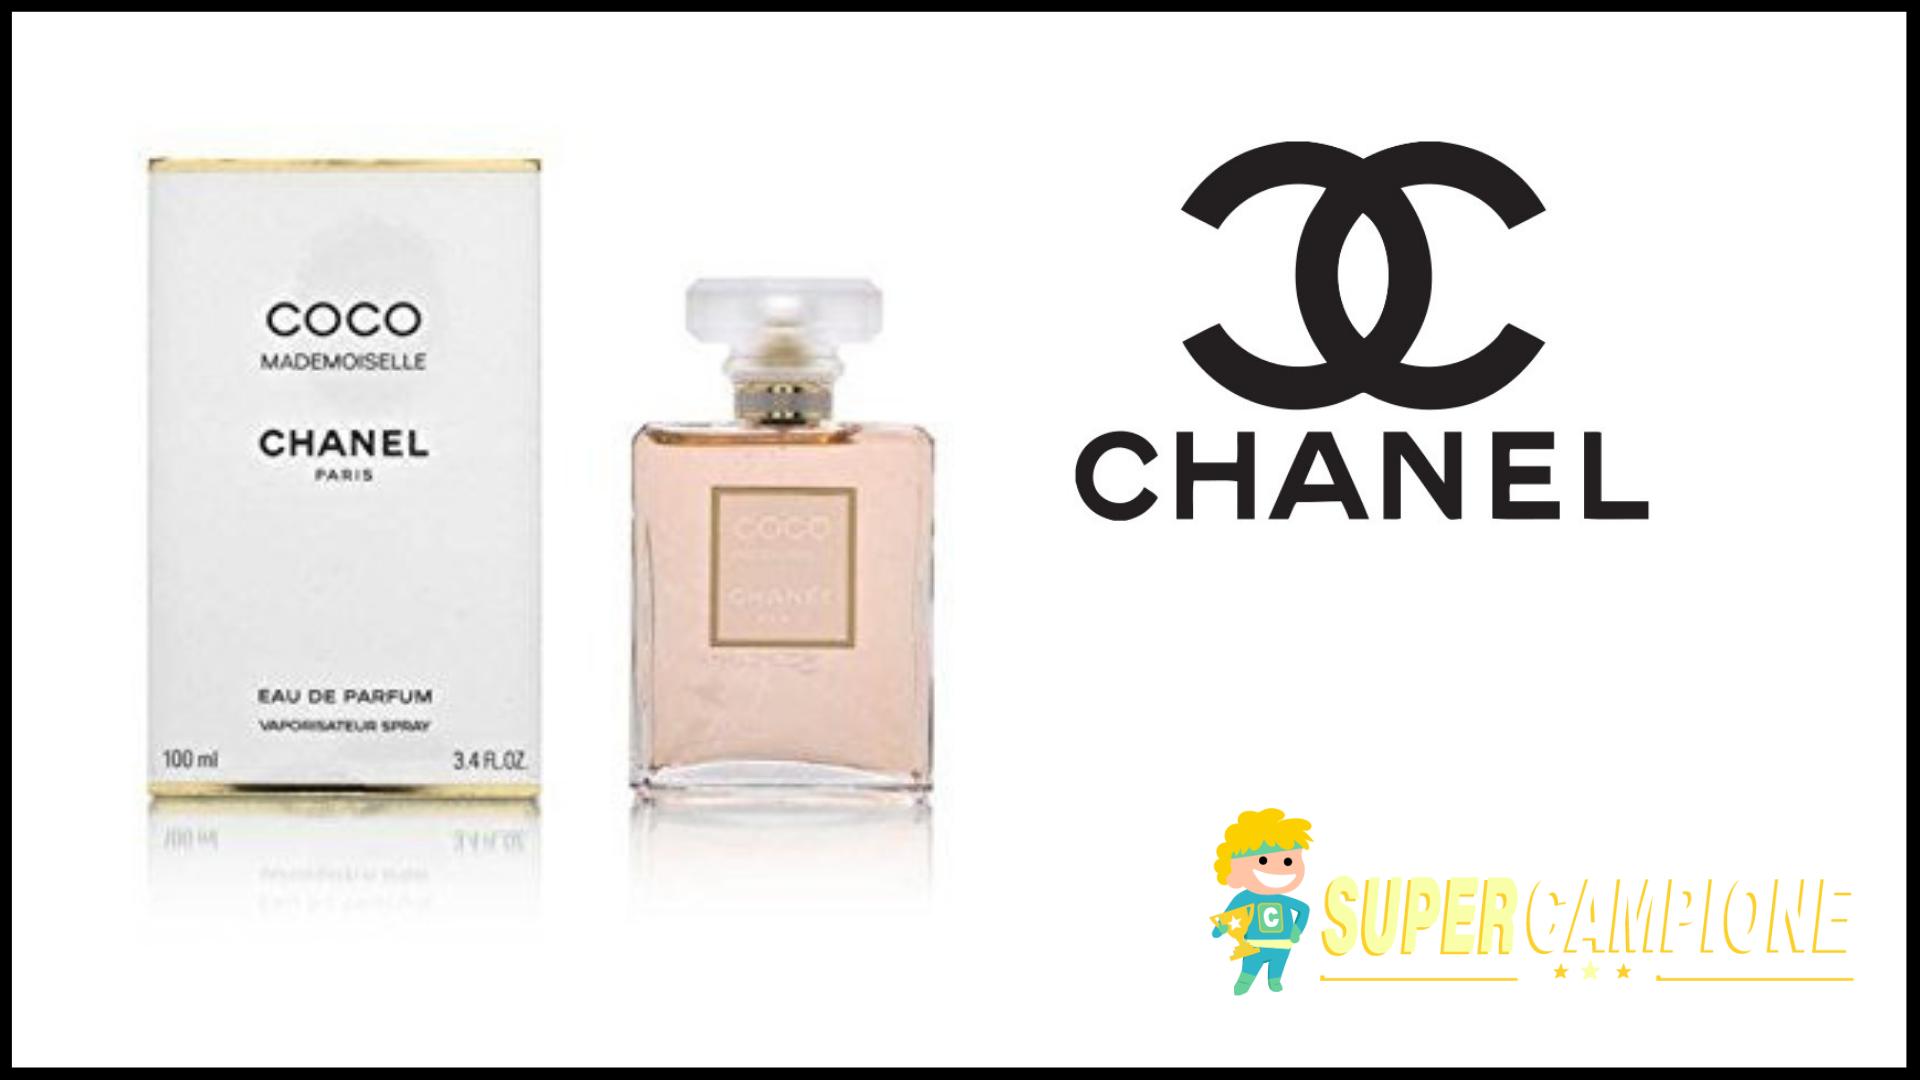 Supercampione - Campioni omaggio profumo Chanel Coco Mademoiselle